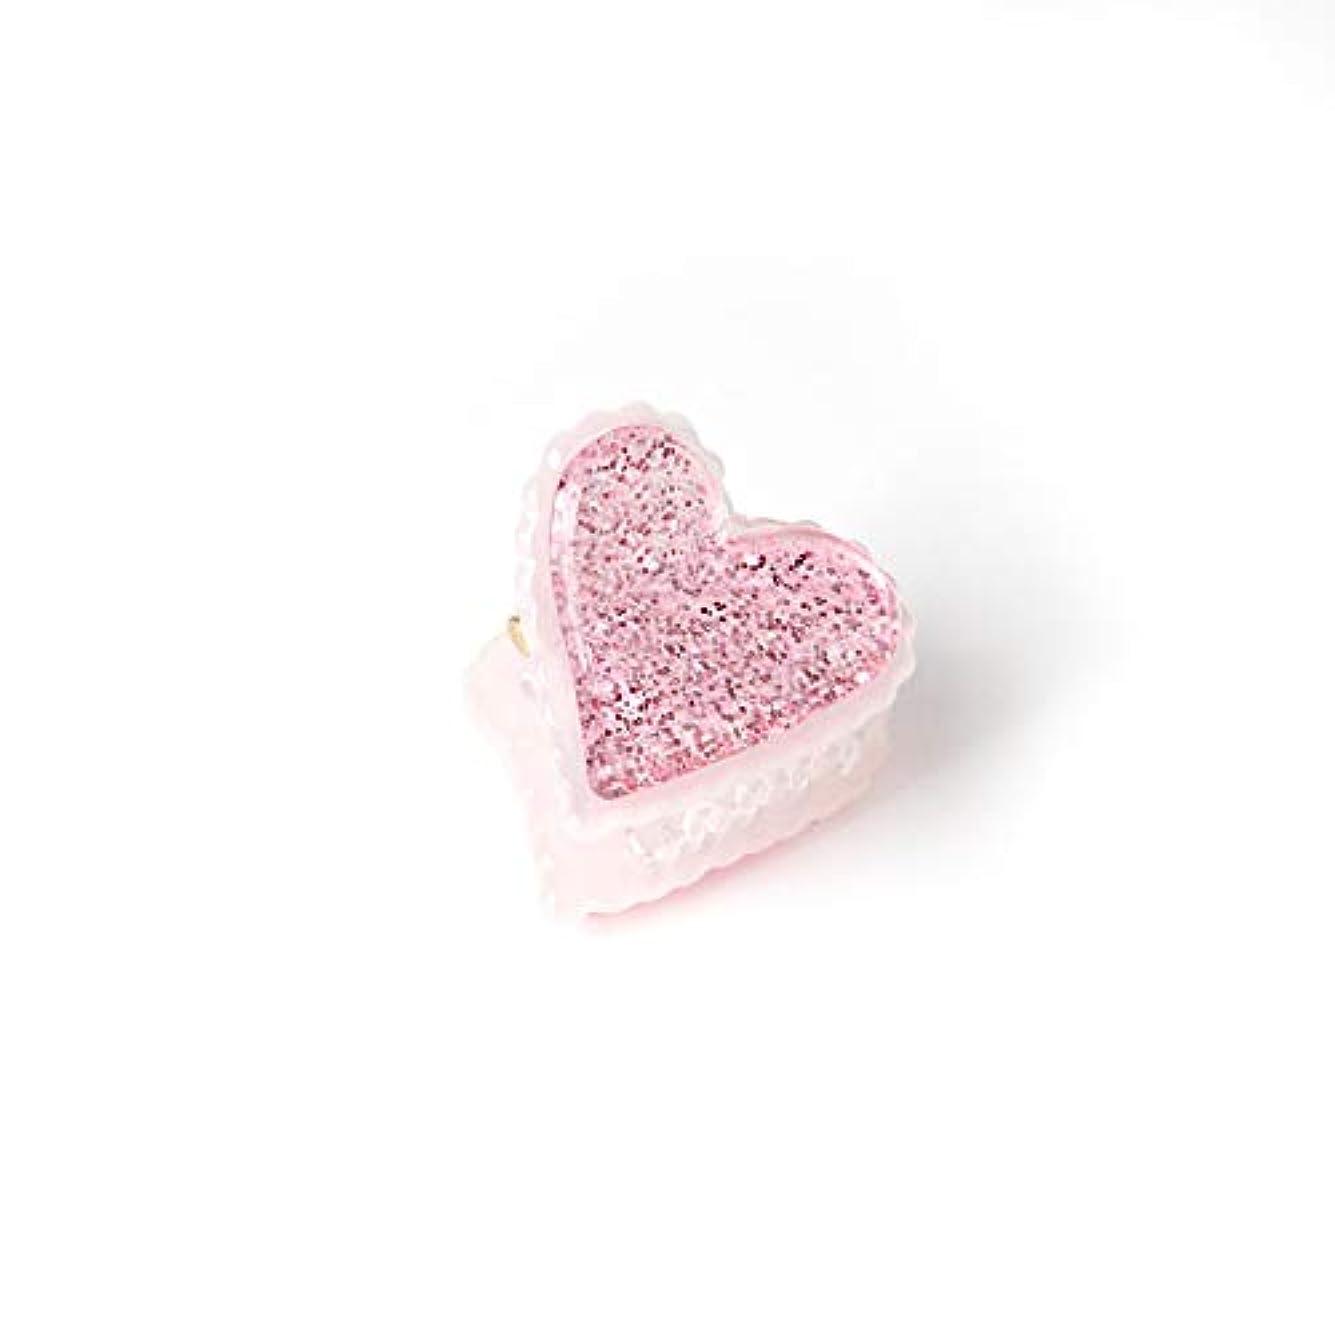 溶けた爆発物忠実HuaQingPiJu-JP 1Pc DIYマジックヘア女性ガールズスパンコールヘアピンヘアクリップパーティーヘアスタイルツールアクセサリー(ピンク)